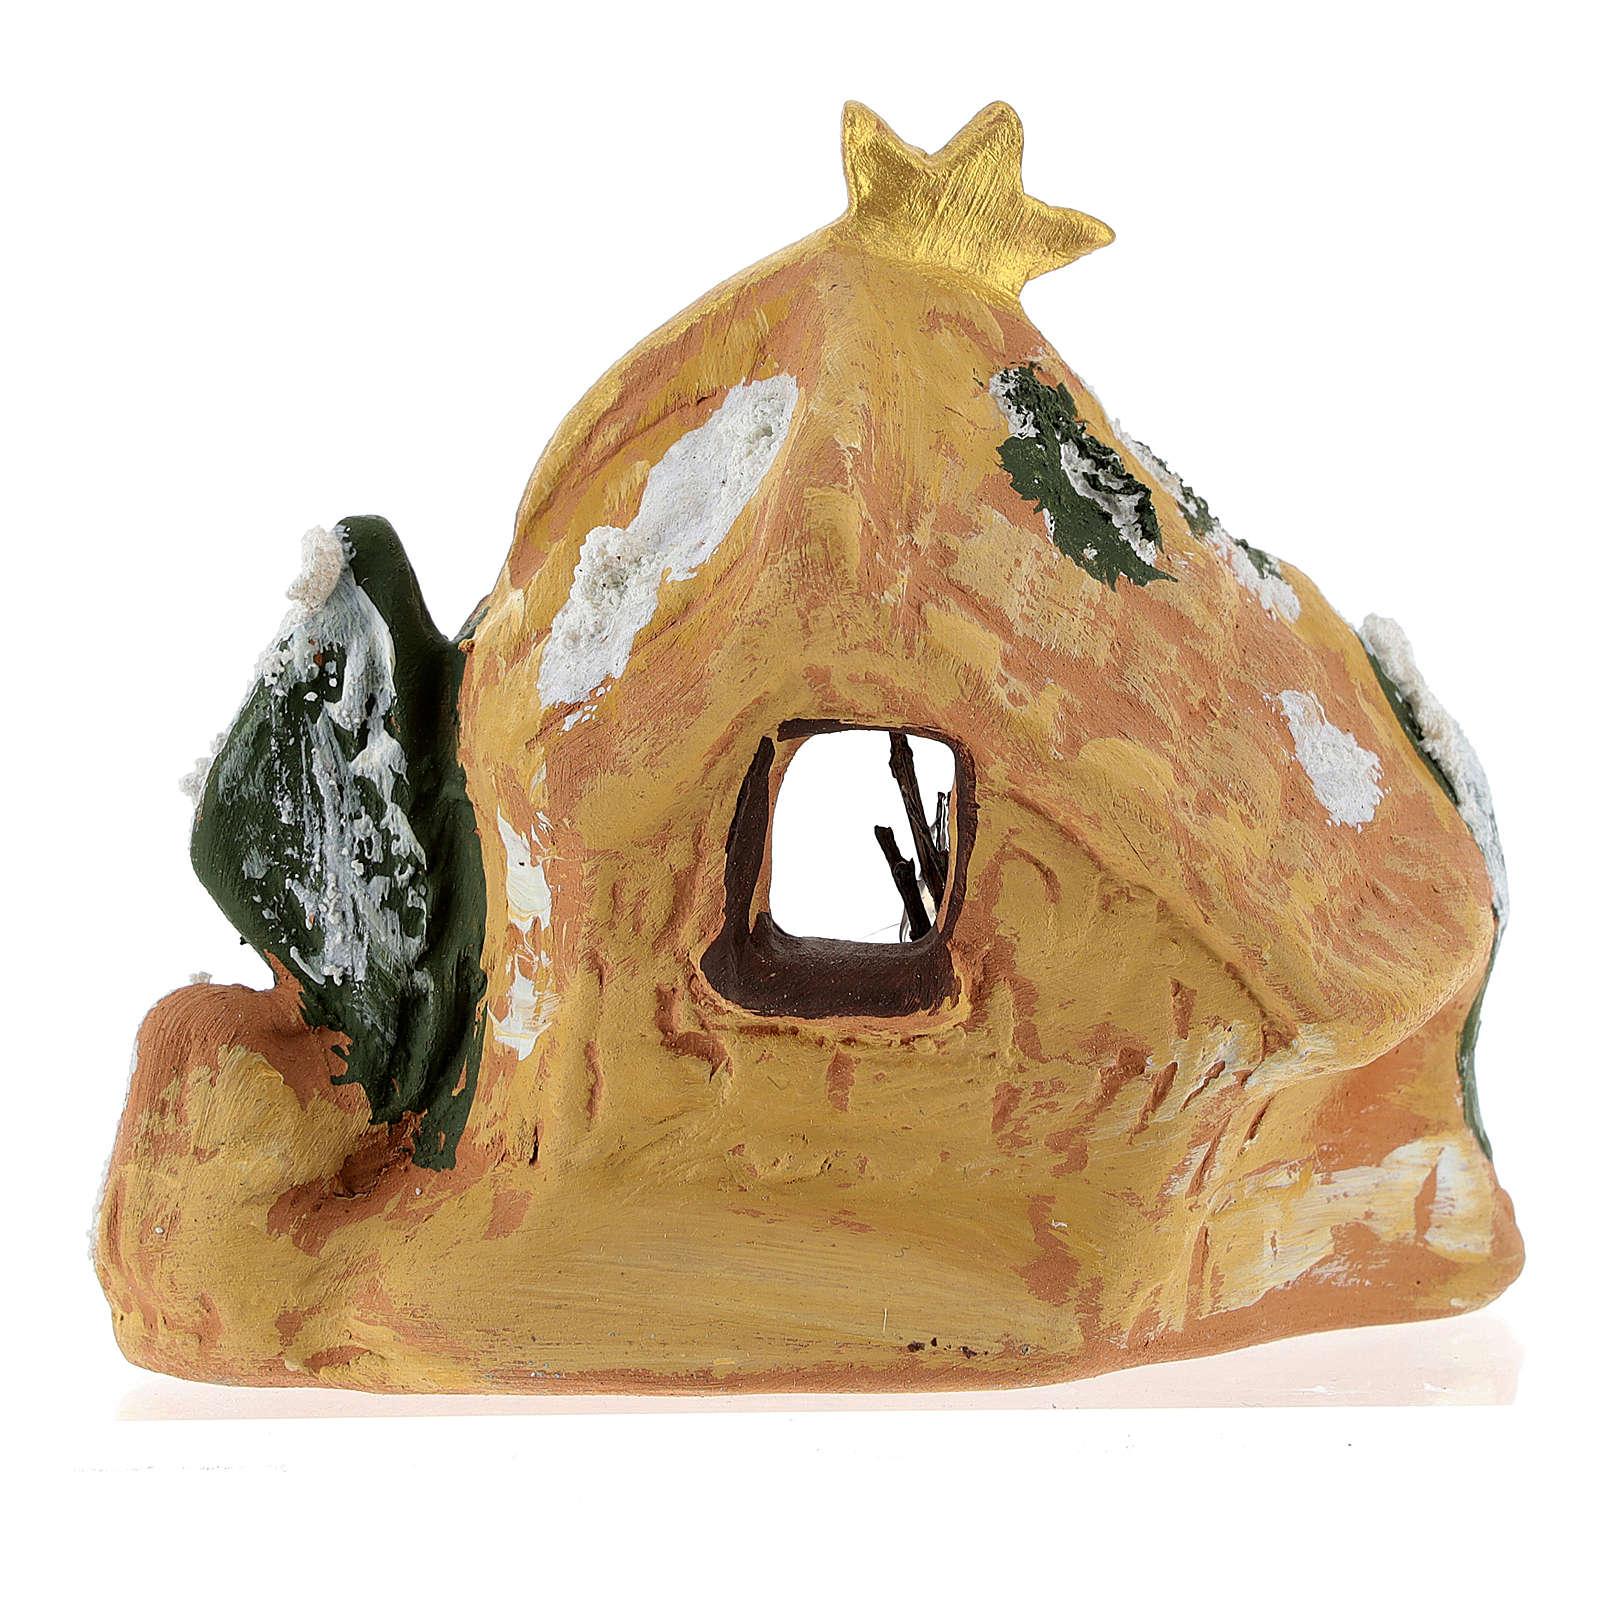 Cabaña de terracota coloreada con belén 4 cm 4